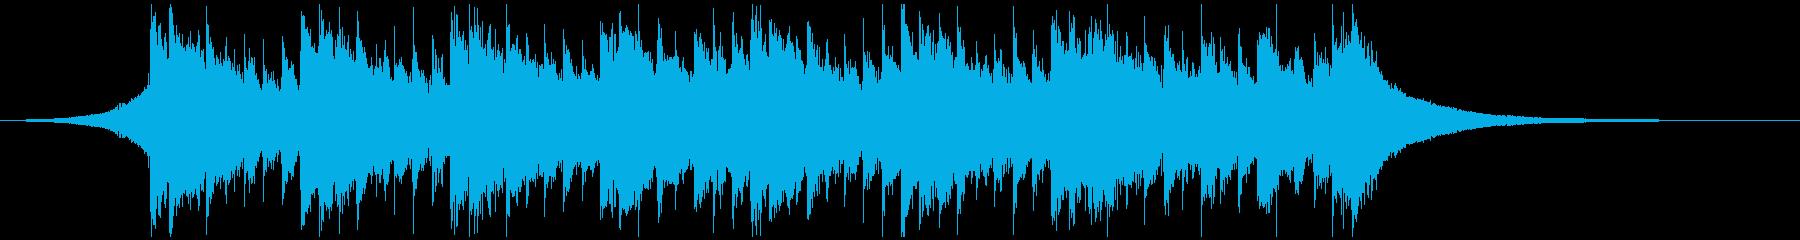 科学(ショート3)の再生済みの波形